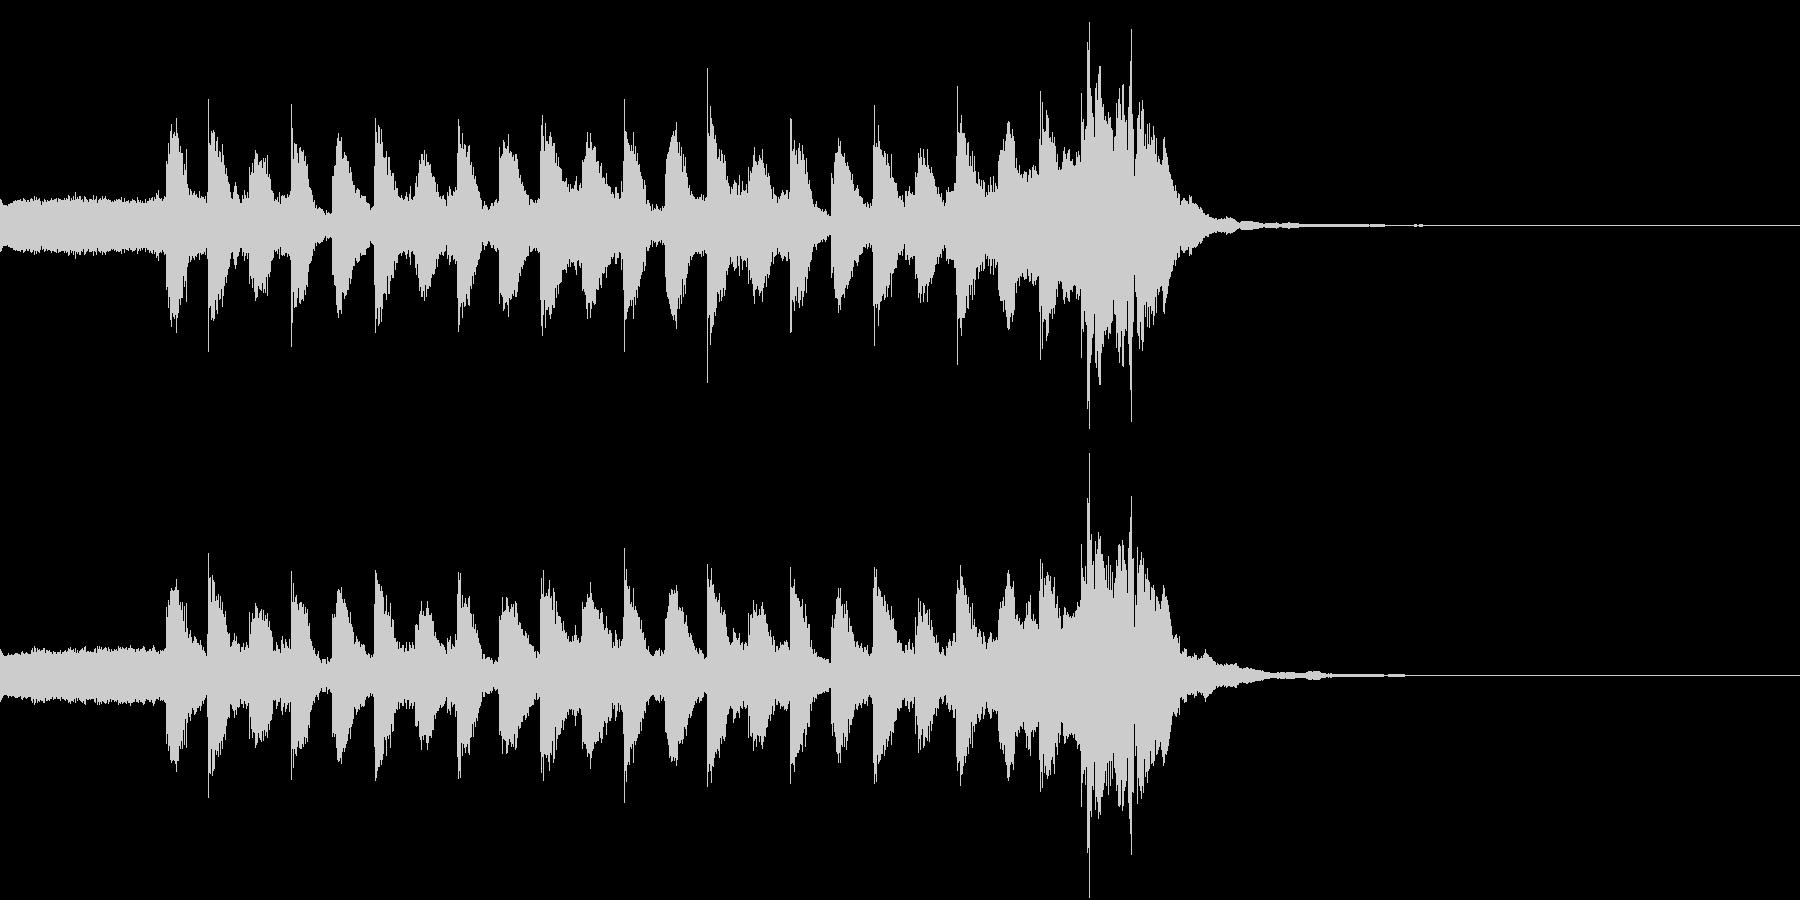 軽快で疾走感があるシンセ曲の未再生の波形